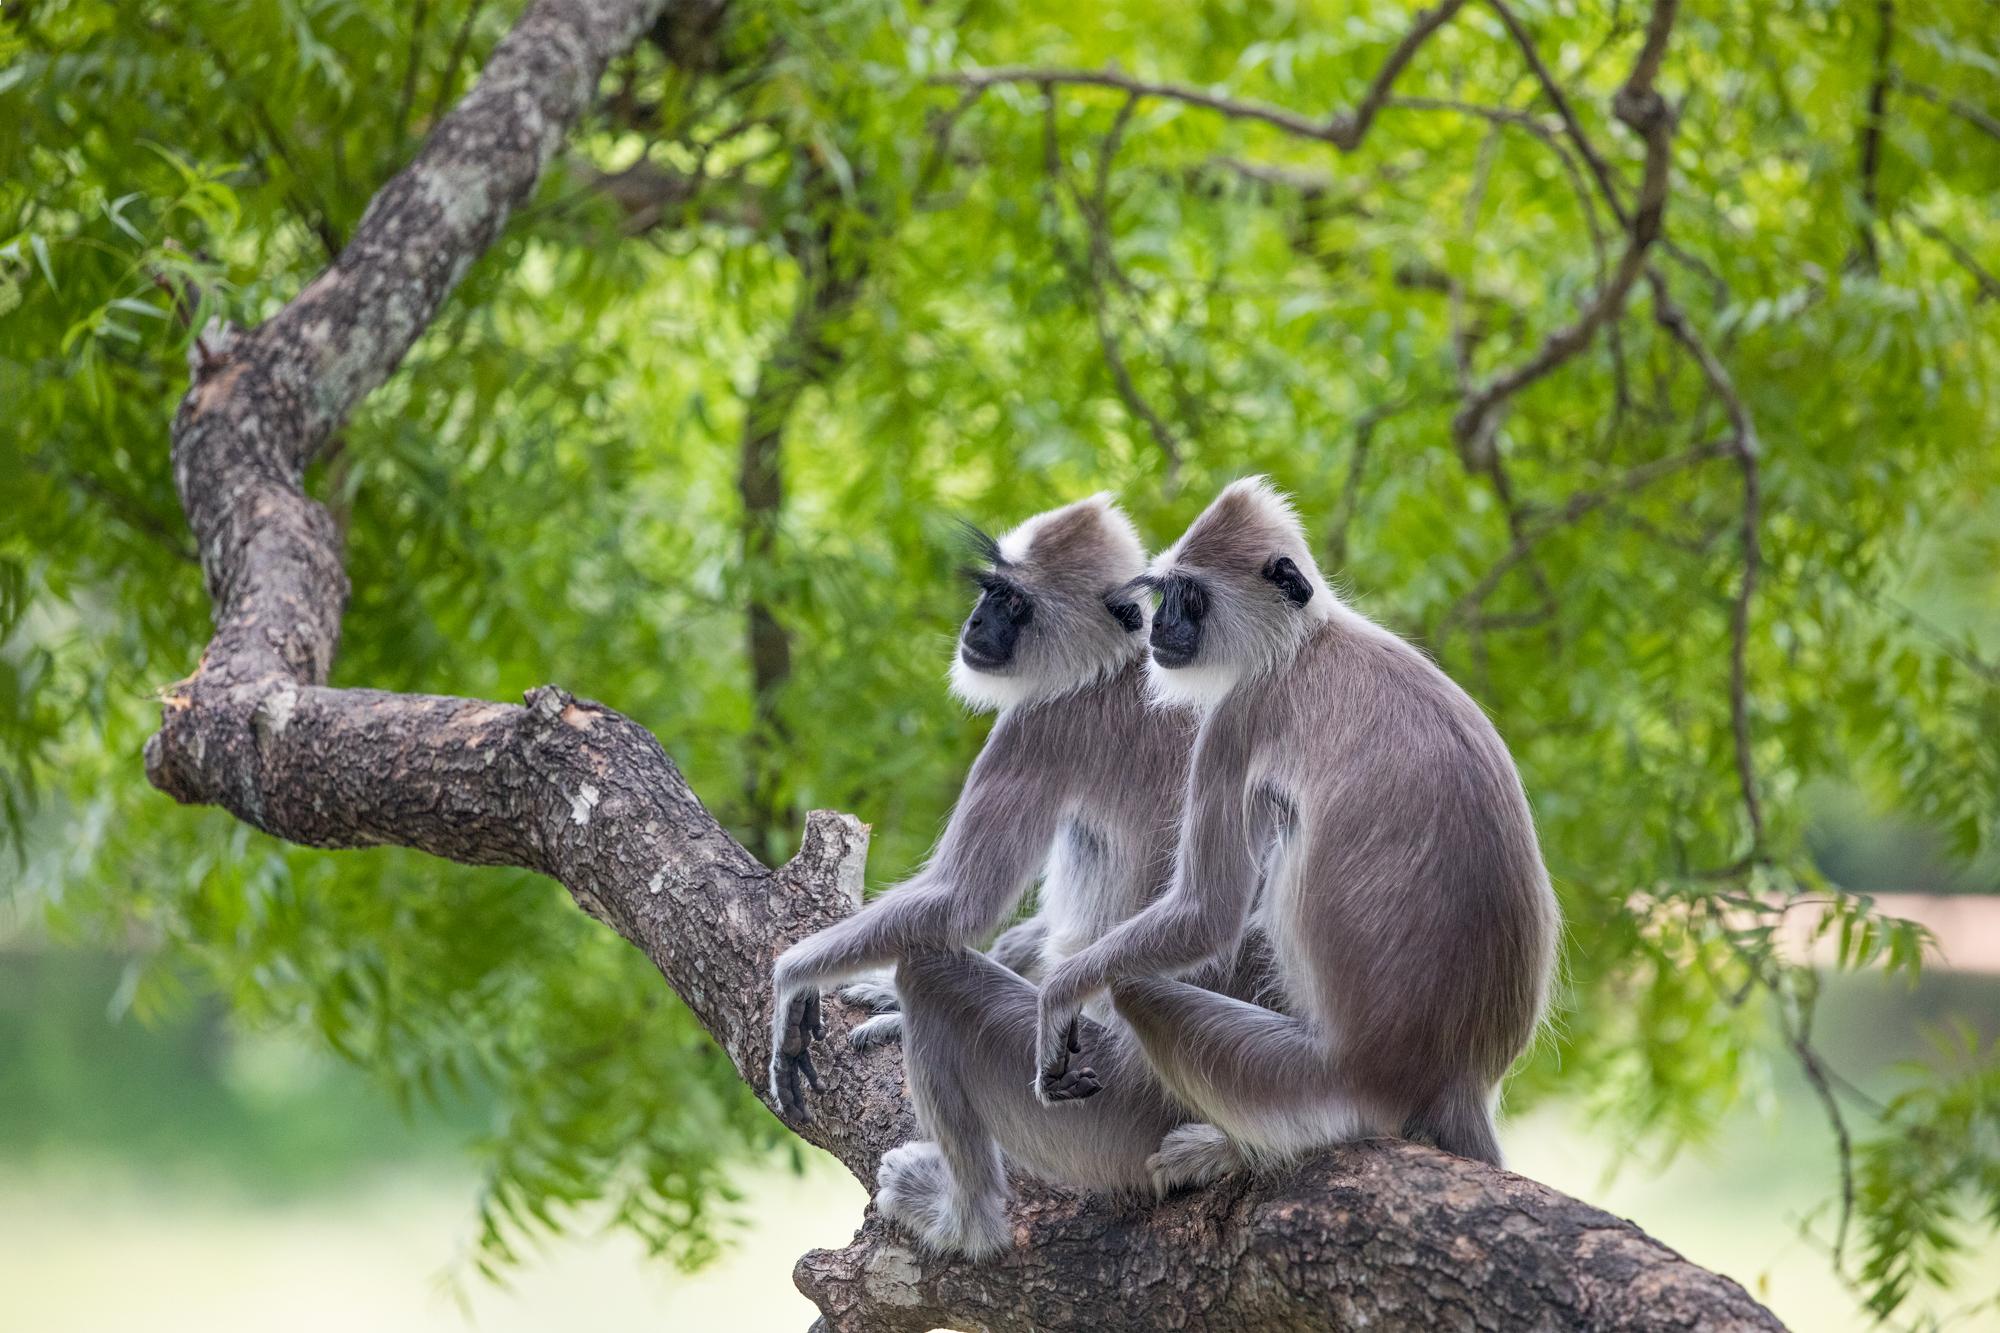 Twee aapjes op een boomtak, wildlife fotografie van Richard Bernabe